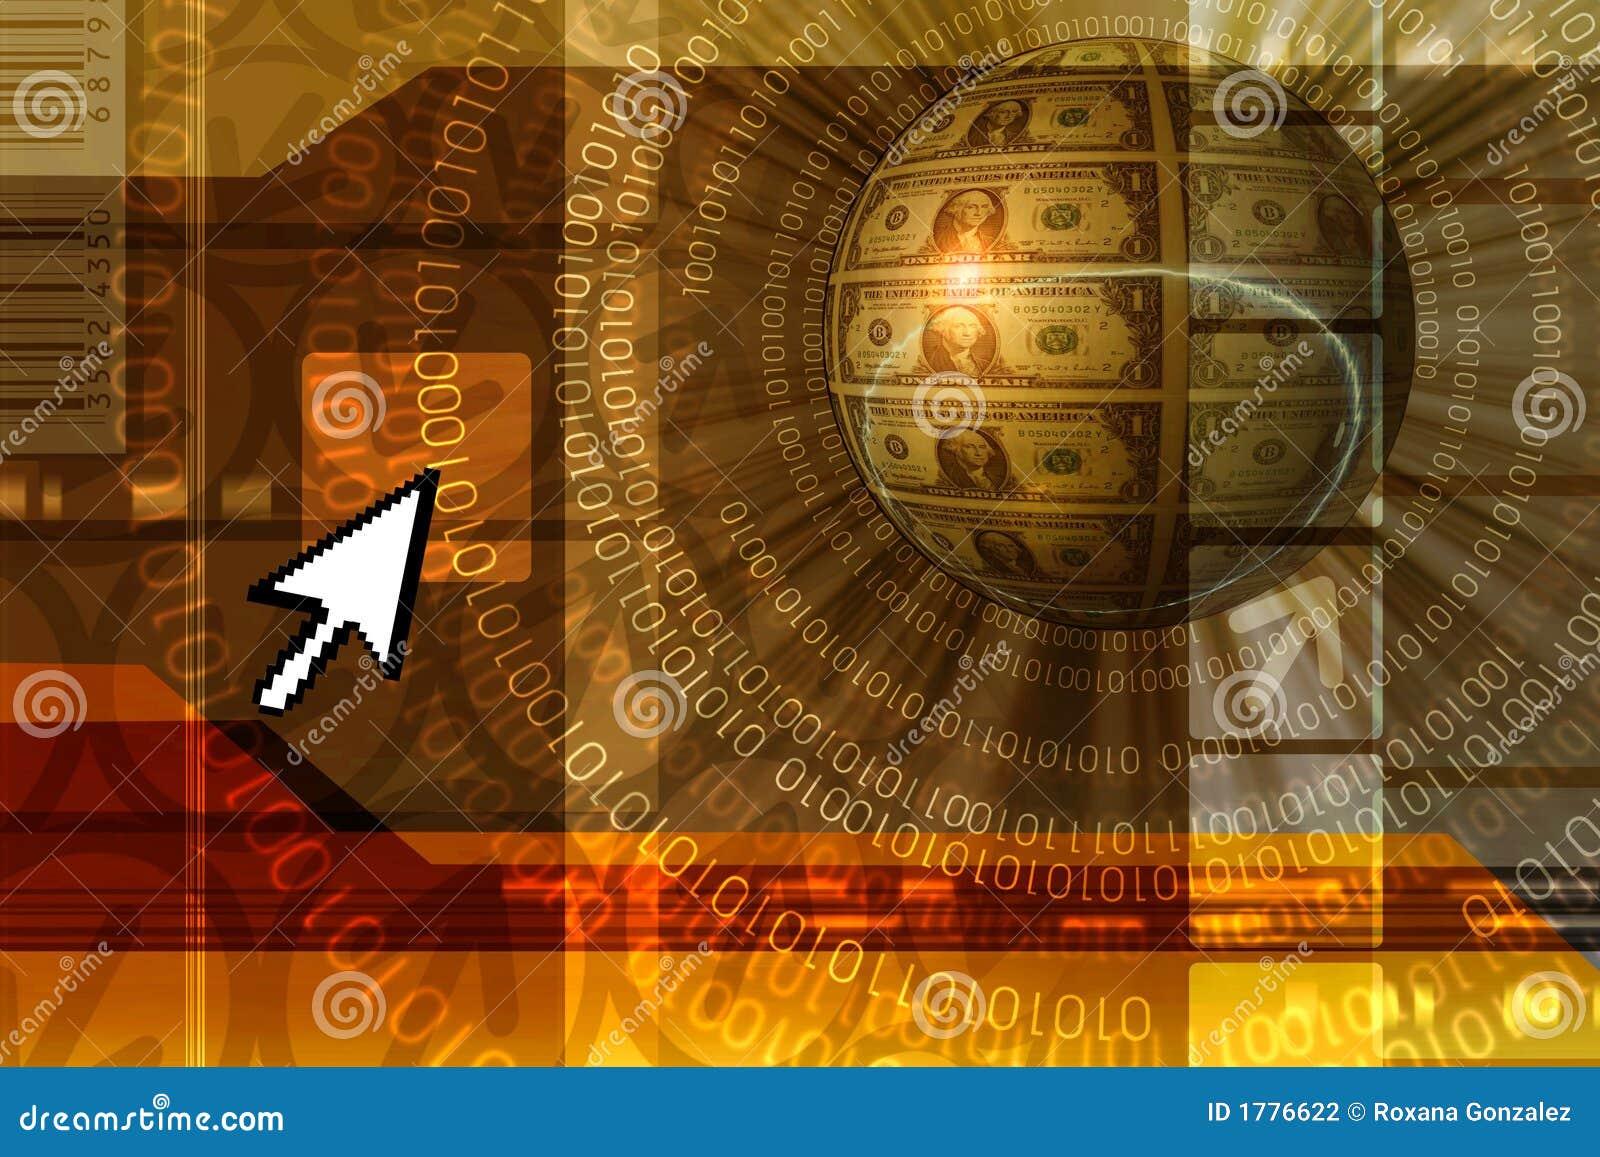 Priorità bassa di concetto di commercio elettronico - arancio